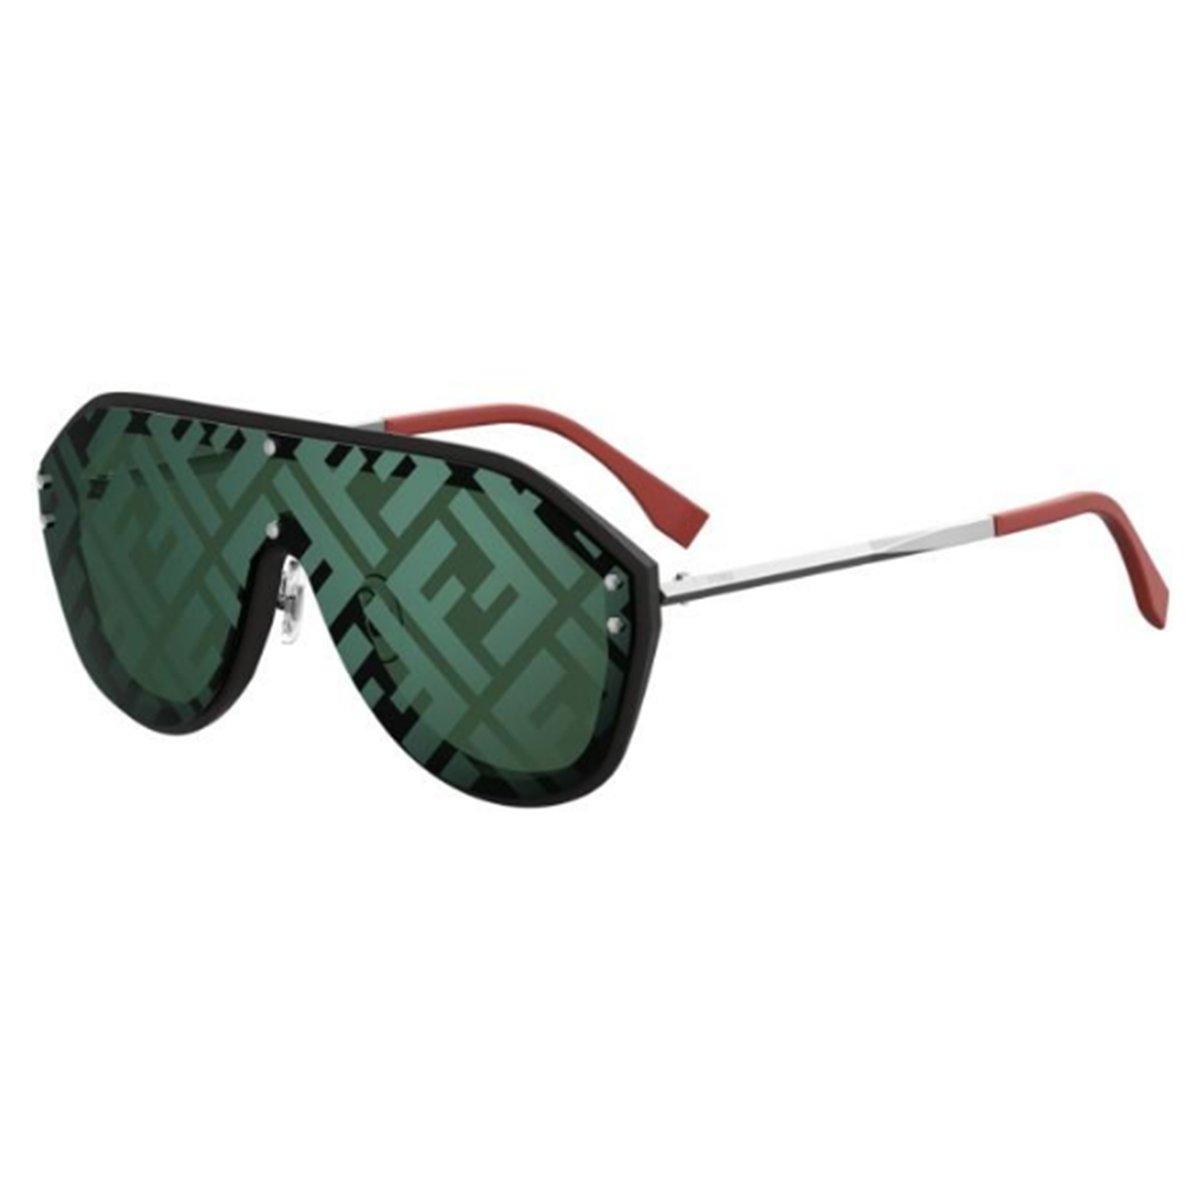 1cca8329cf6b6 Compre Óculos de Sol Fendi Fabulous em 10X